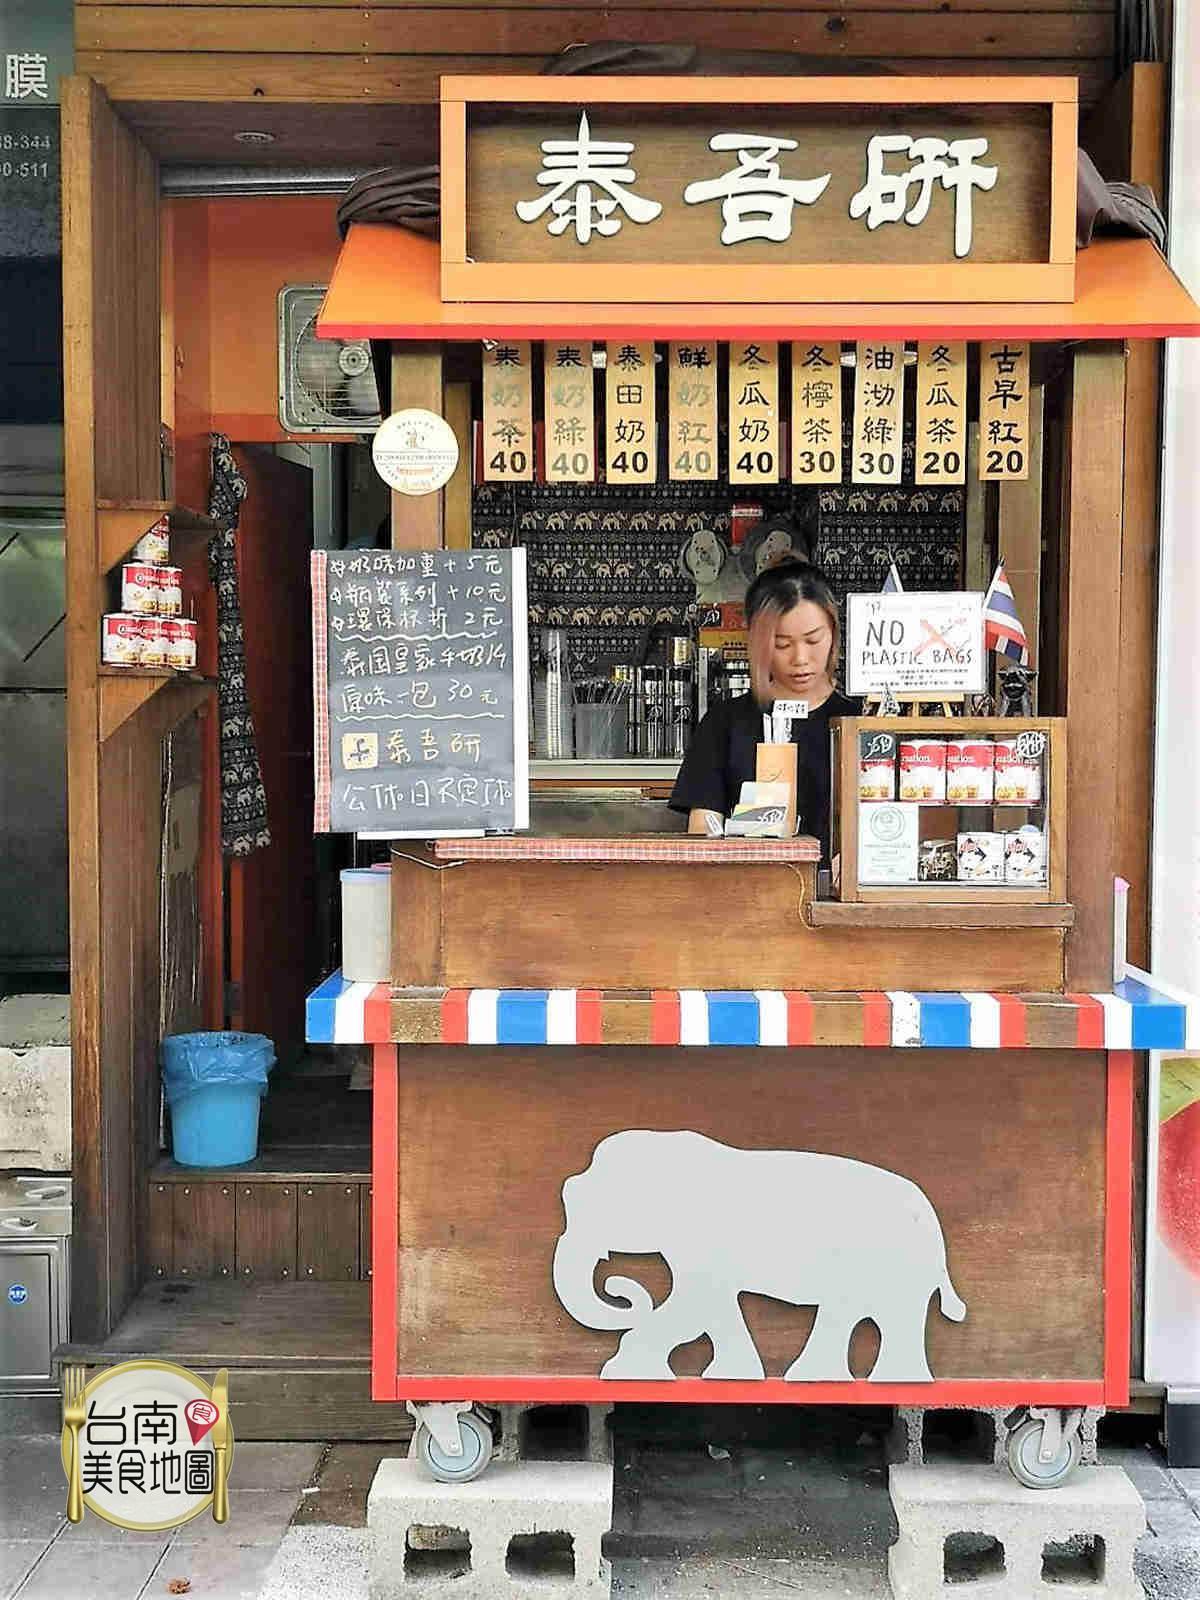 台南必喝飲料-泰吾研泰式奶茶專賣店